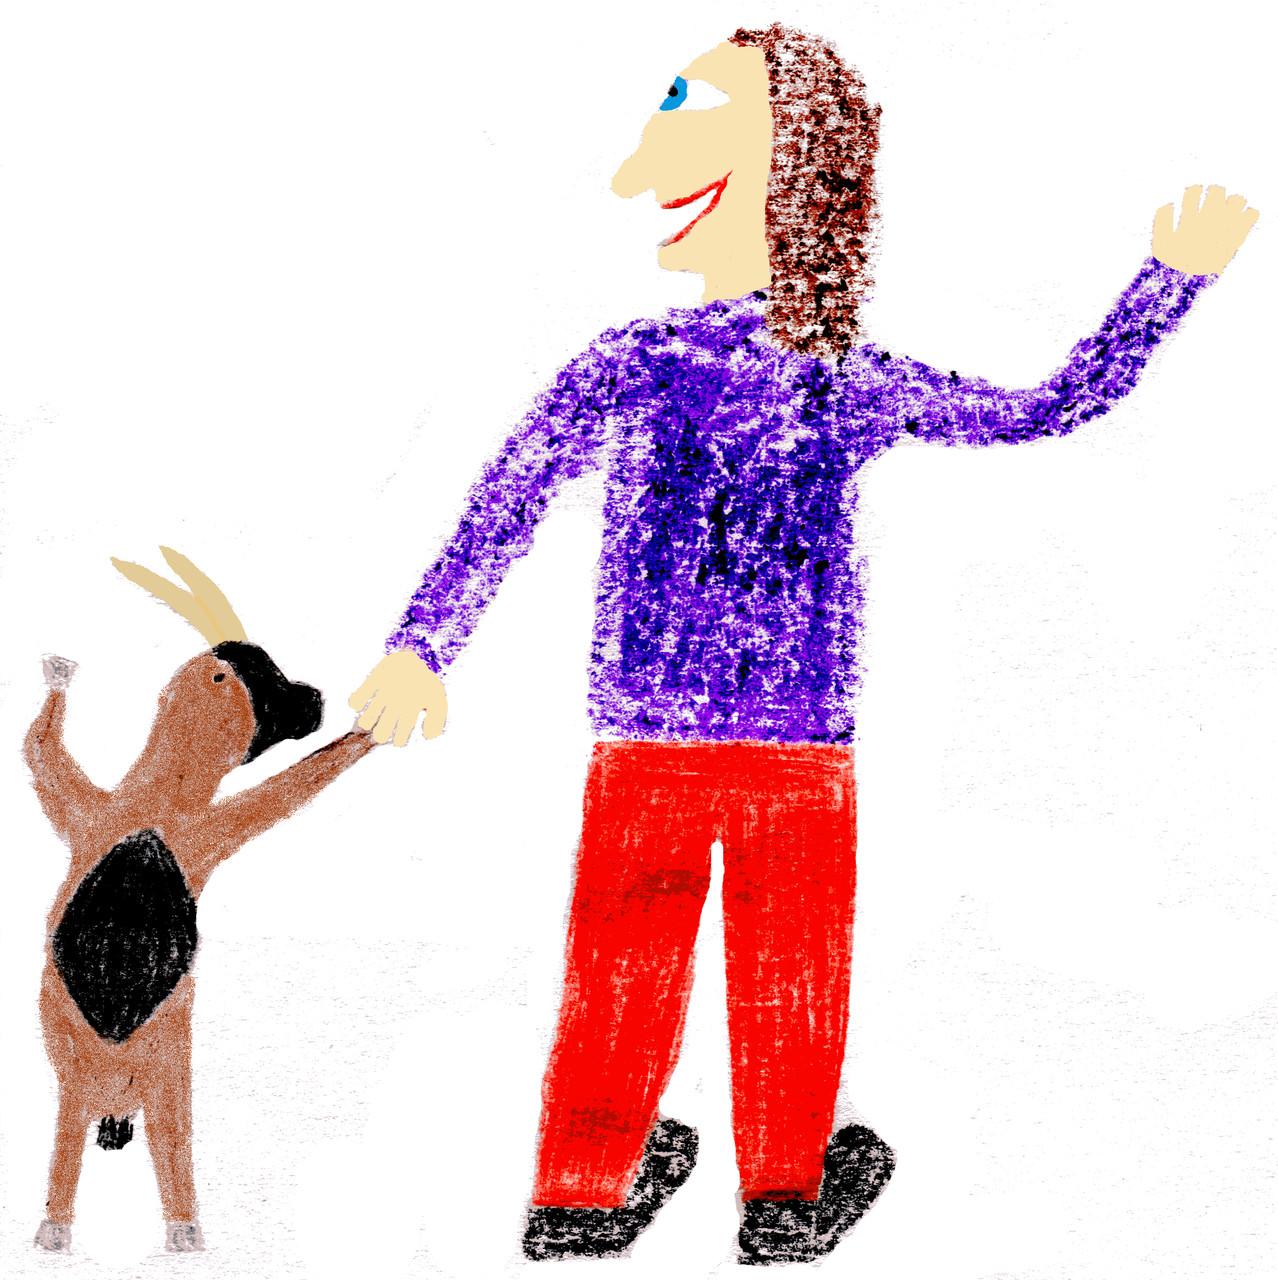 Dorothea träumt von der tanzenden Ziege